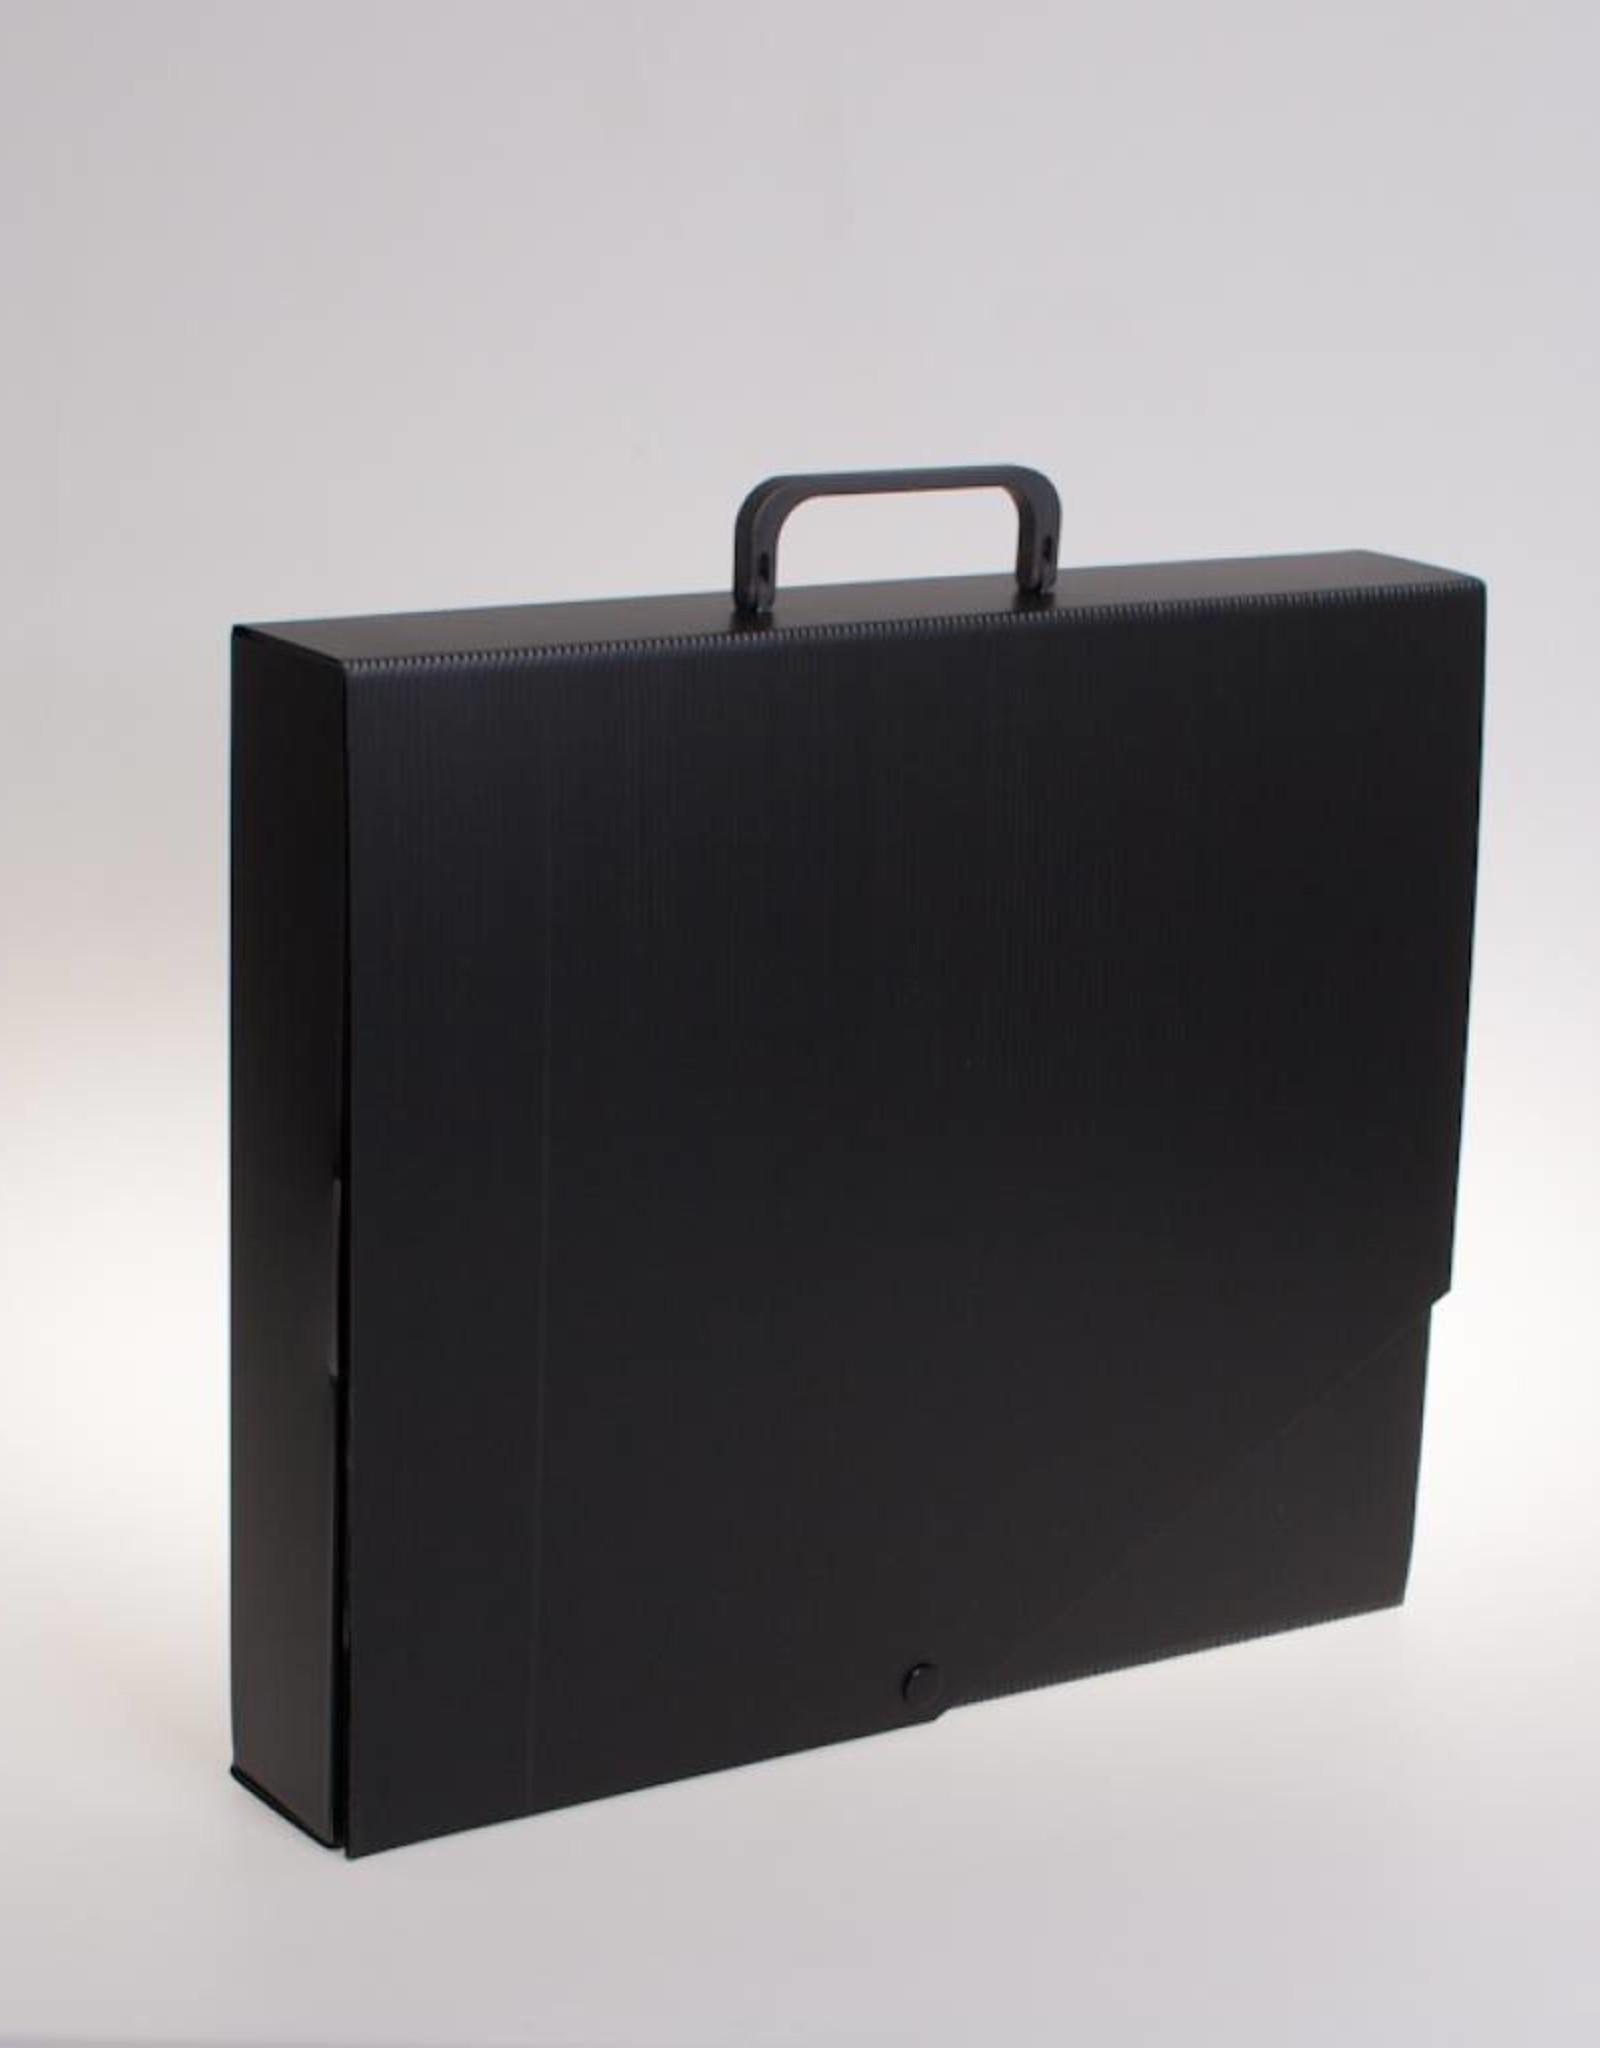 RibbleBox Koffer met drukknoop (zwart)